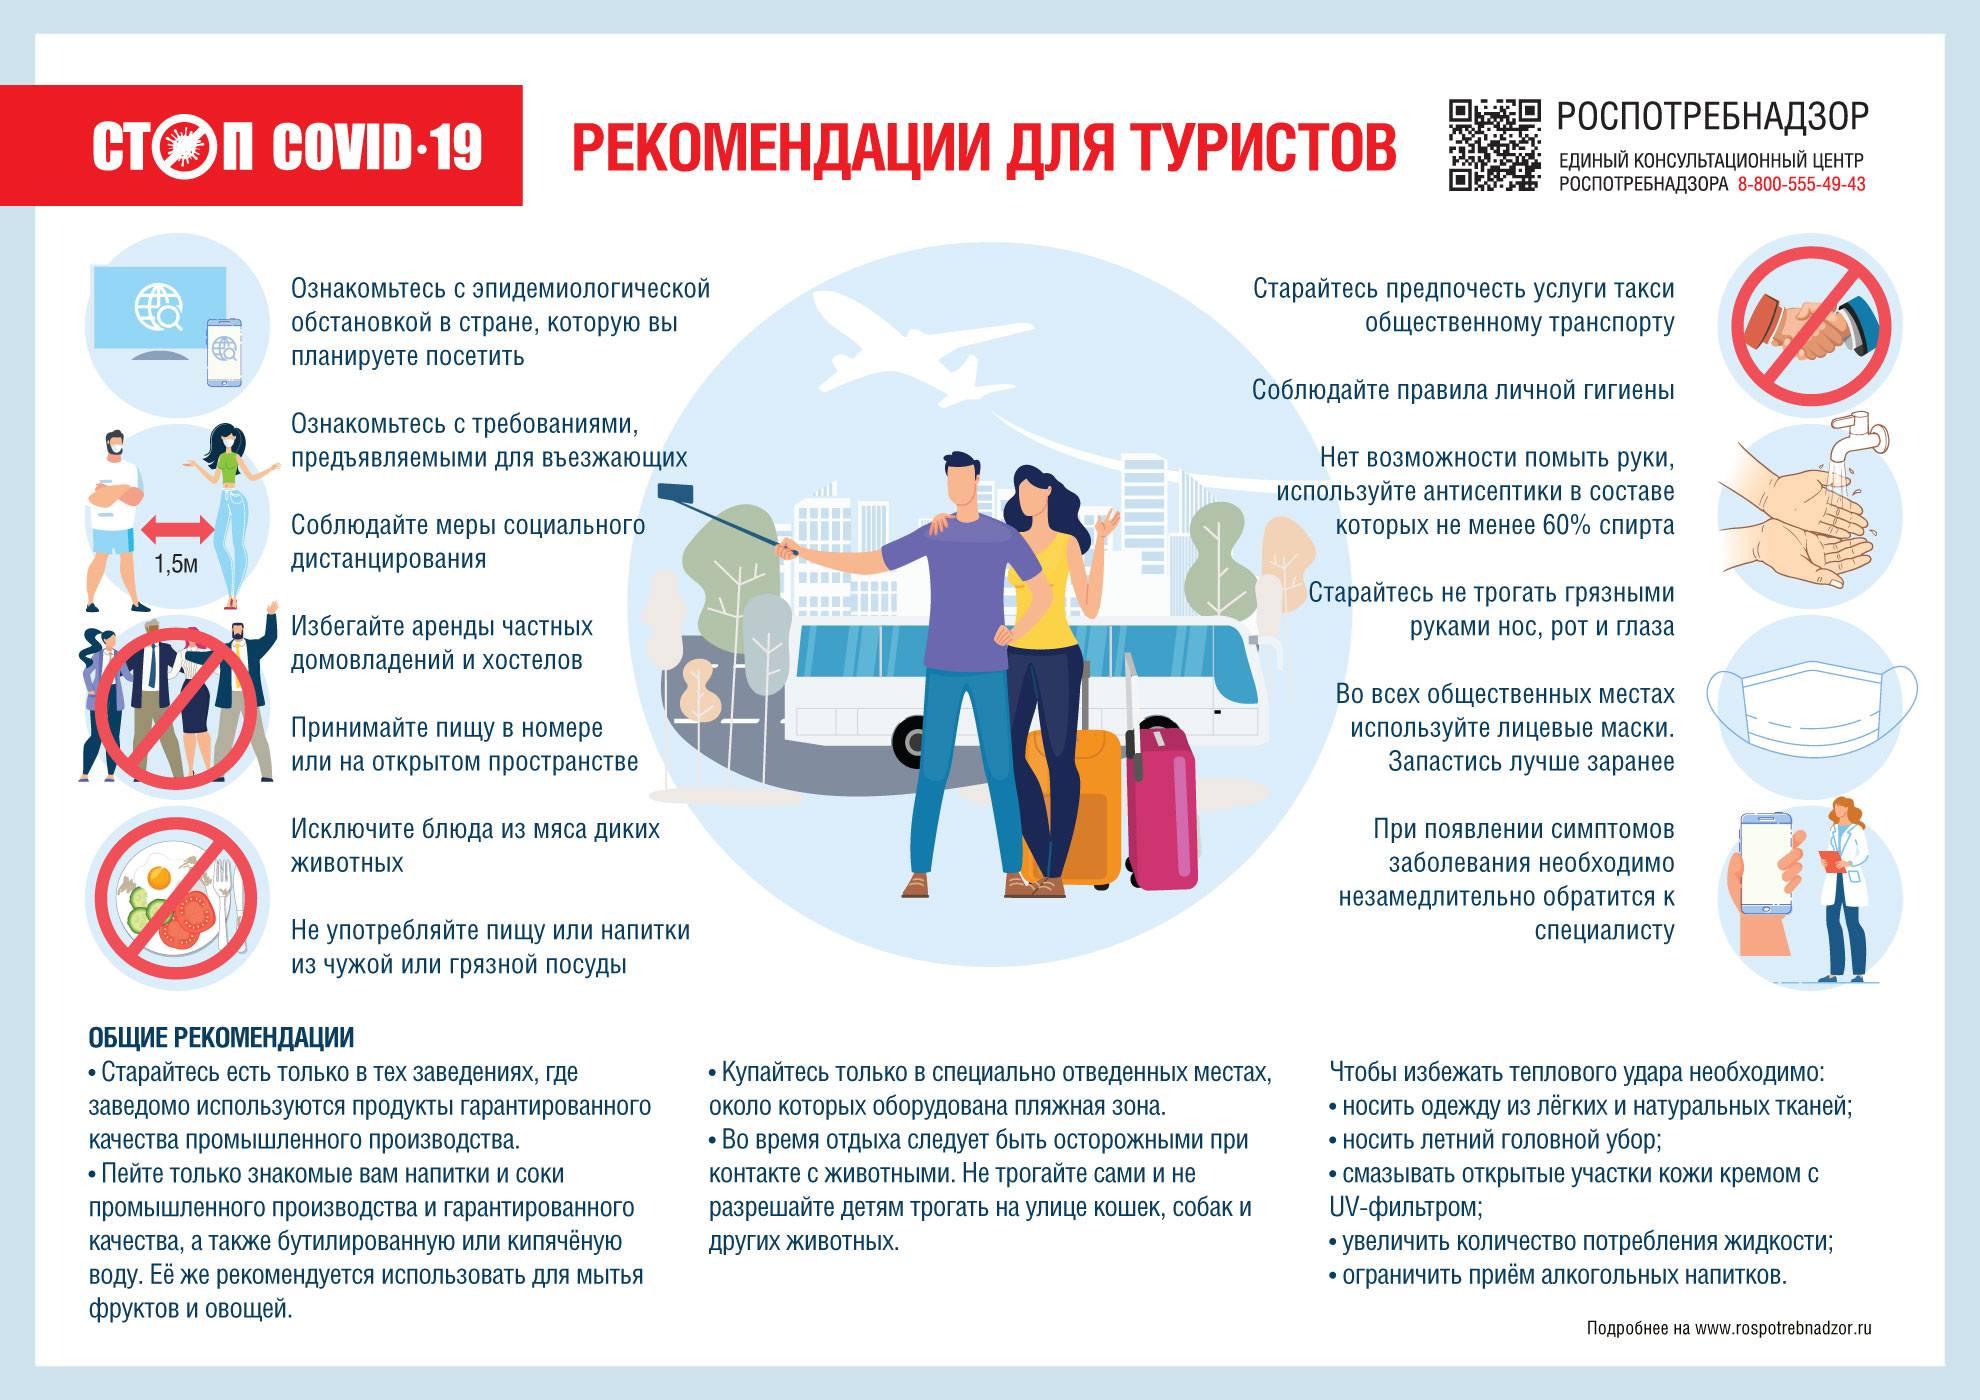 Covid-19: О рекомендациях для российских туристов в странах мира